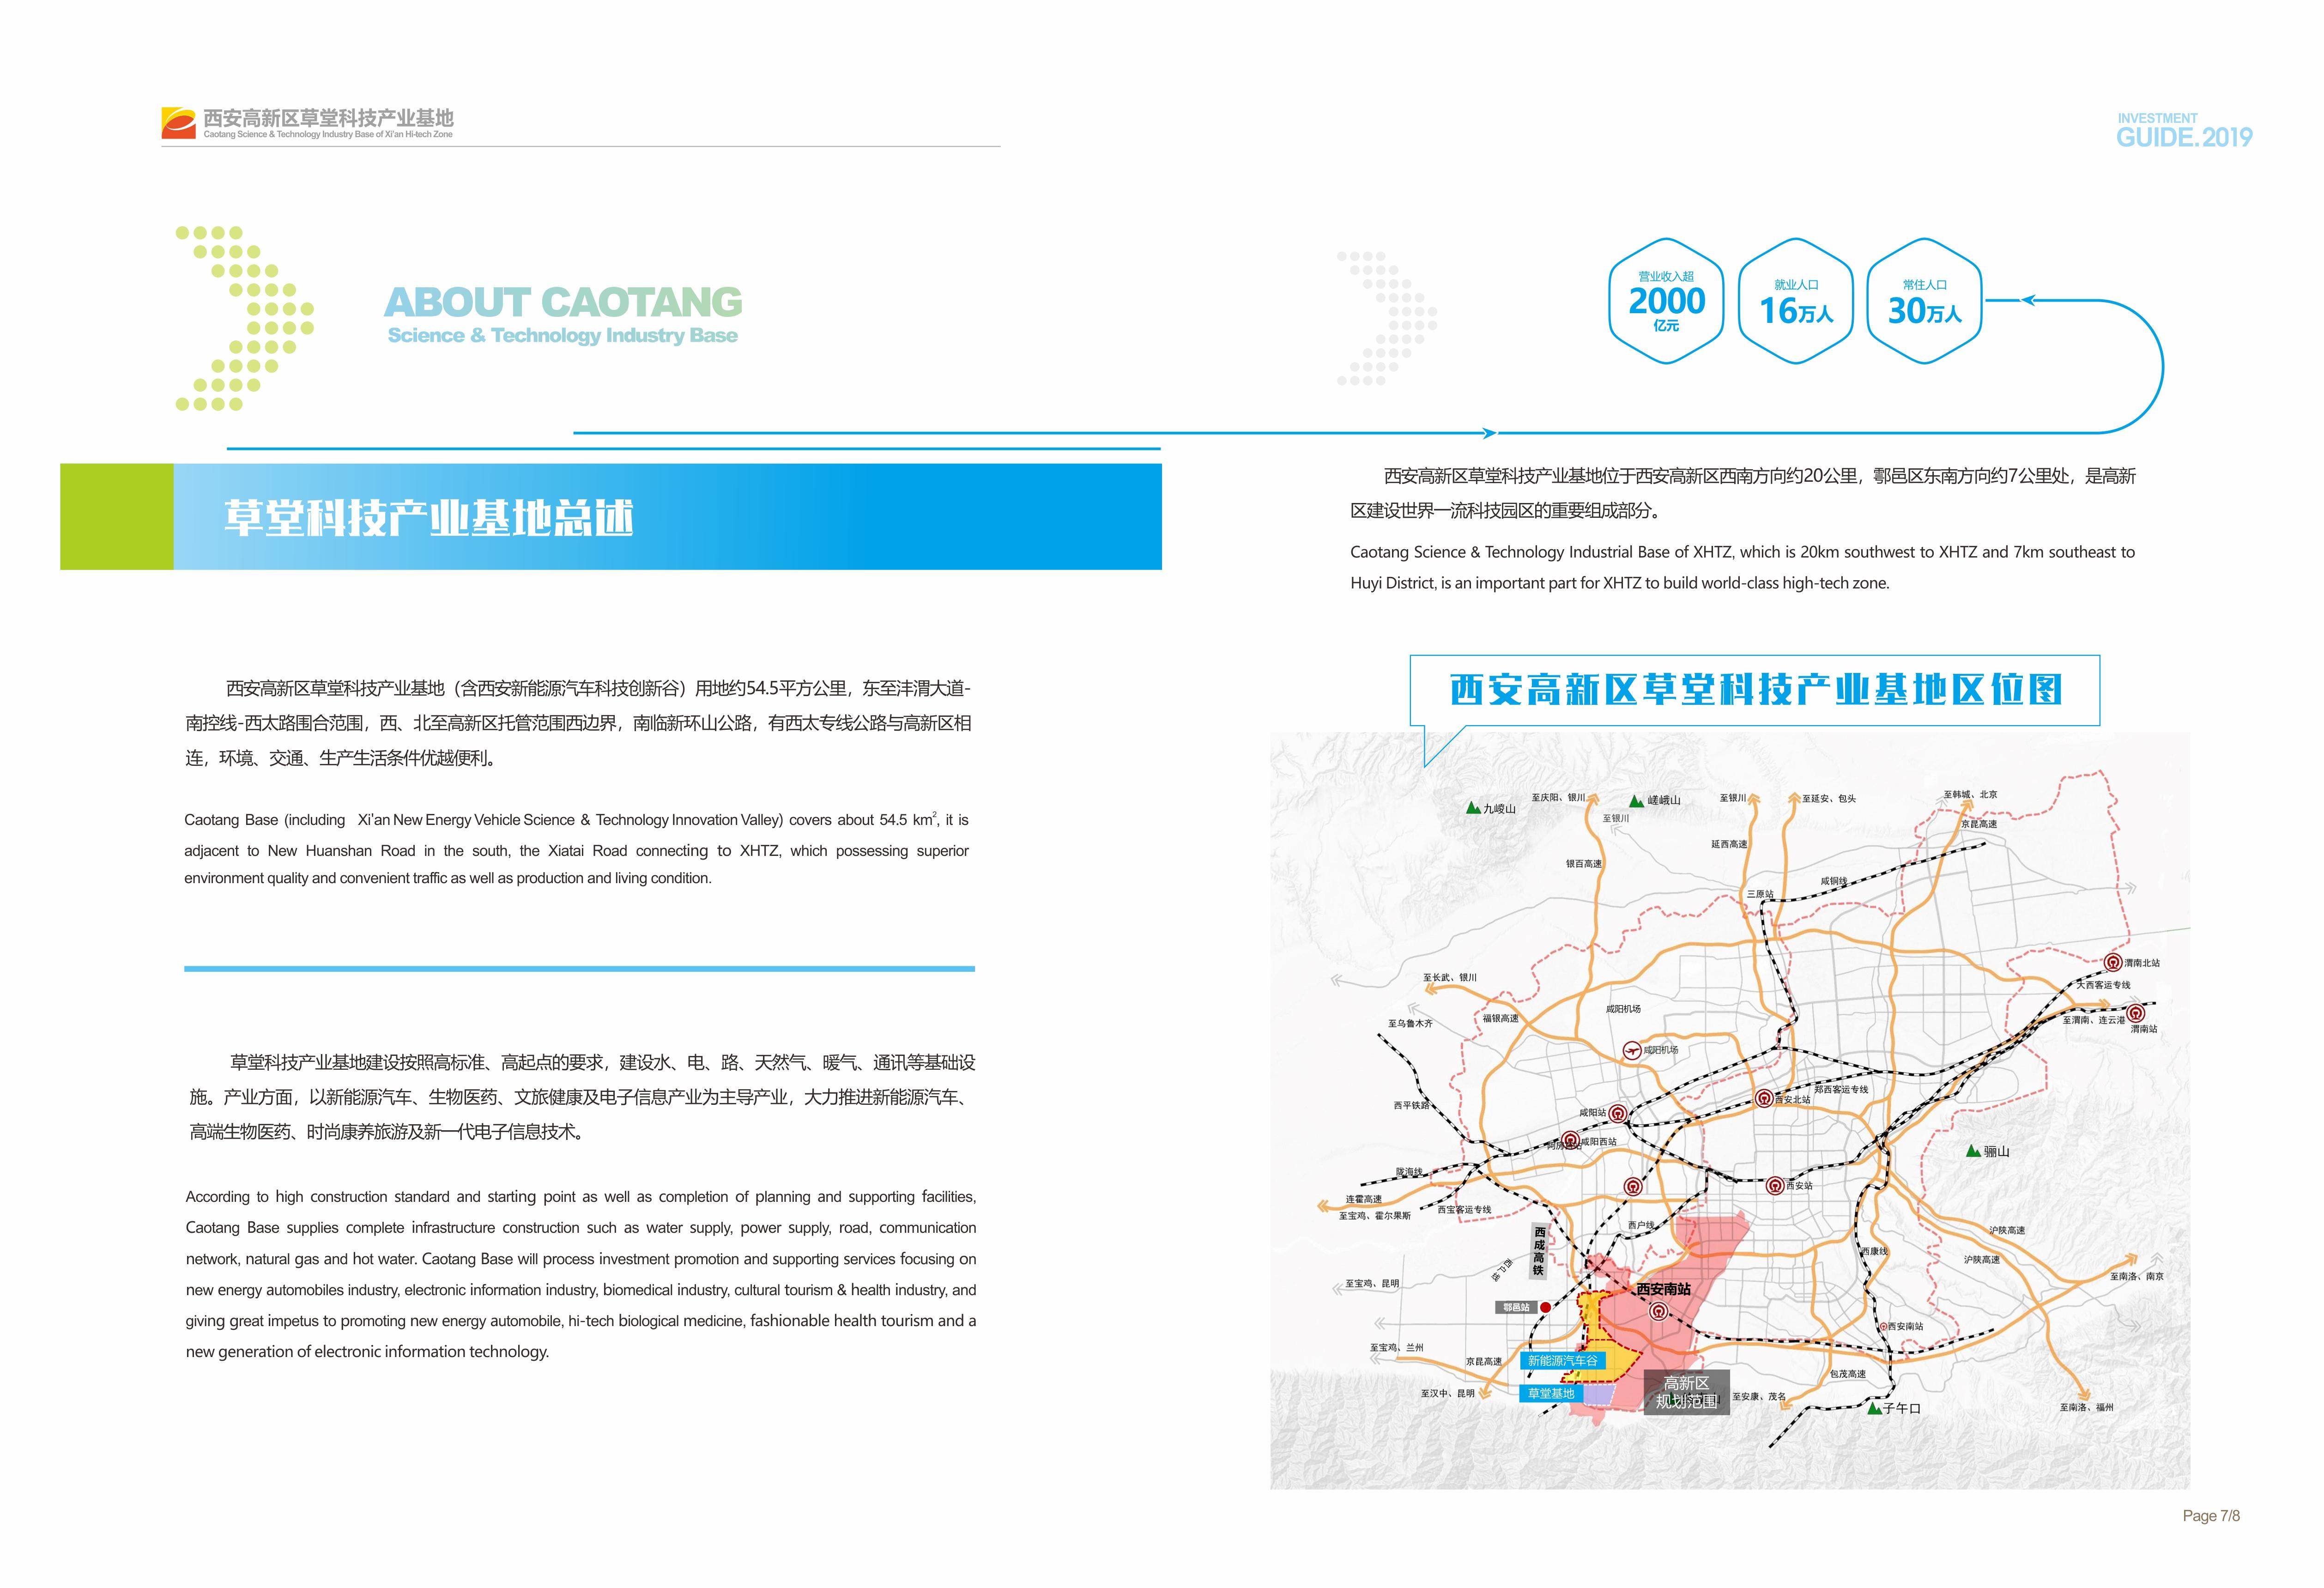 西安高新技术产业开发区草堂科技产业基地